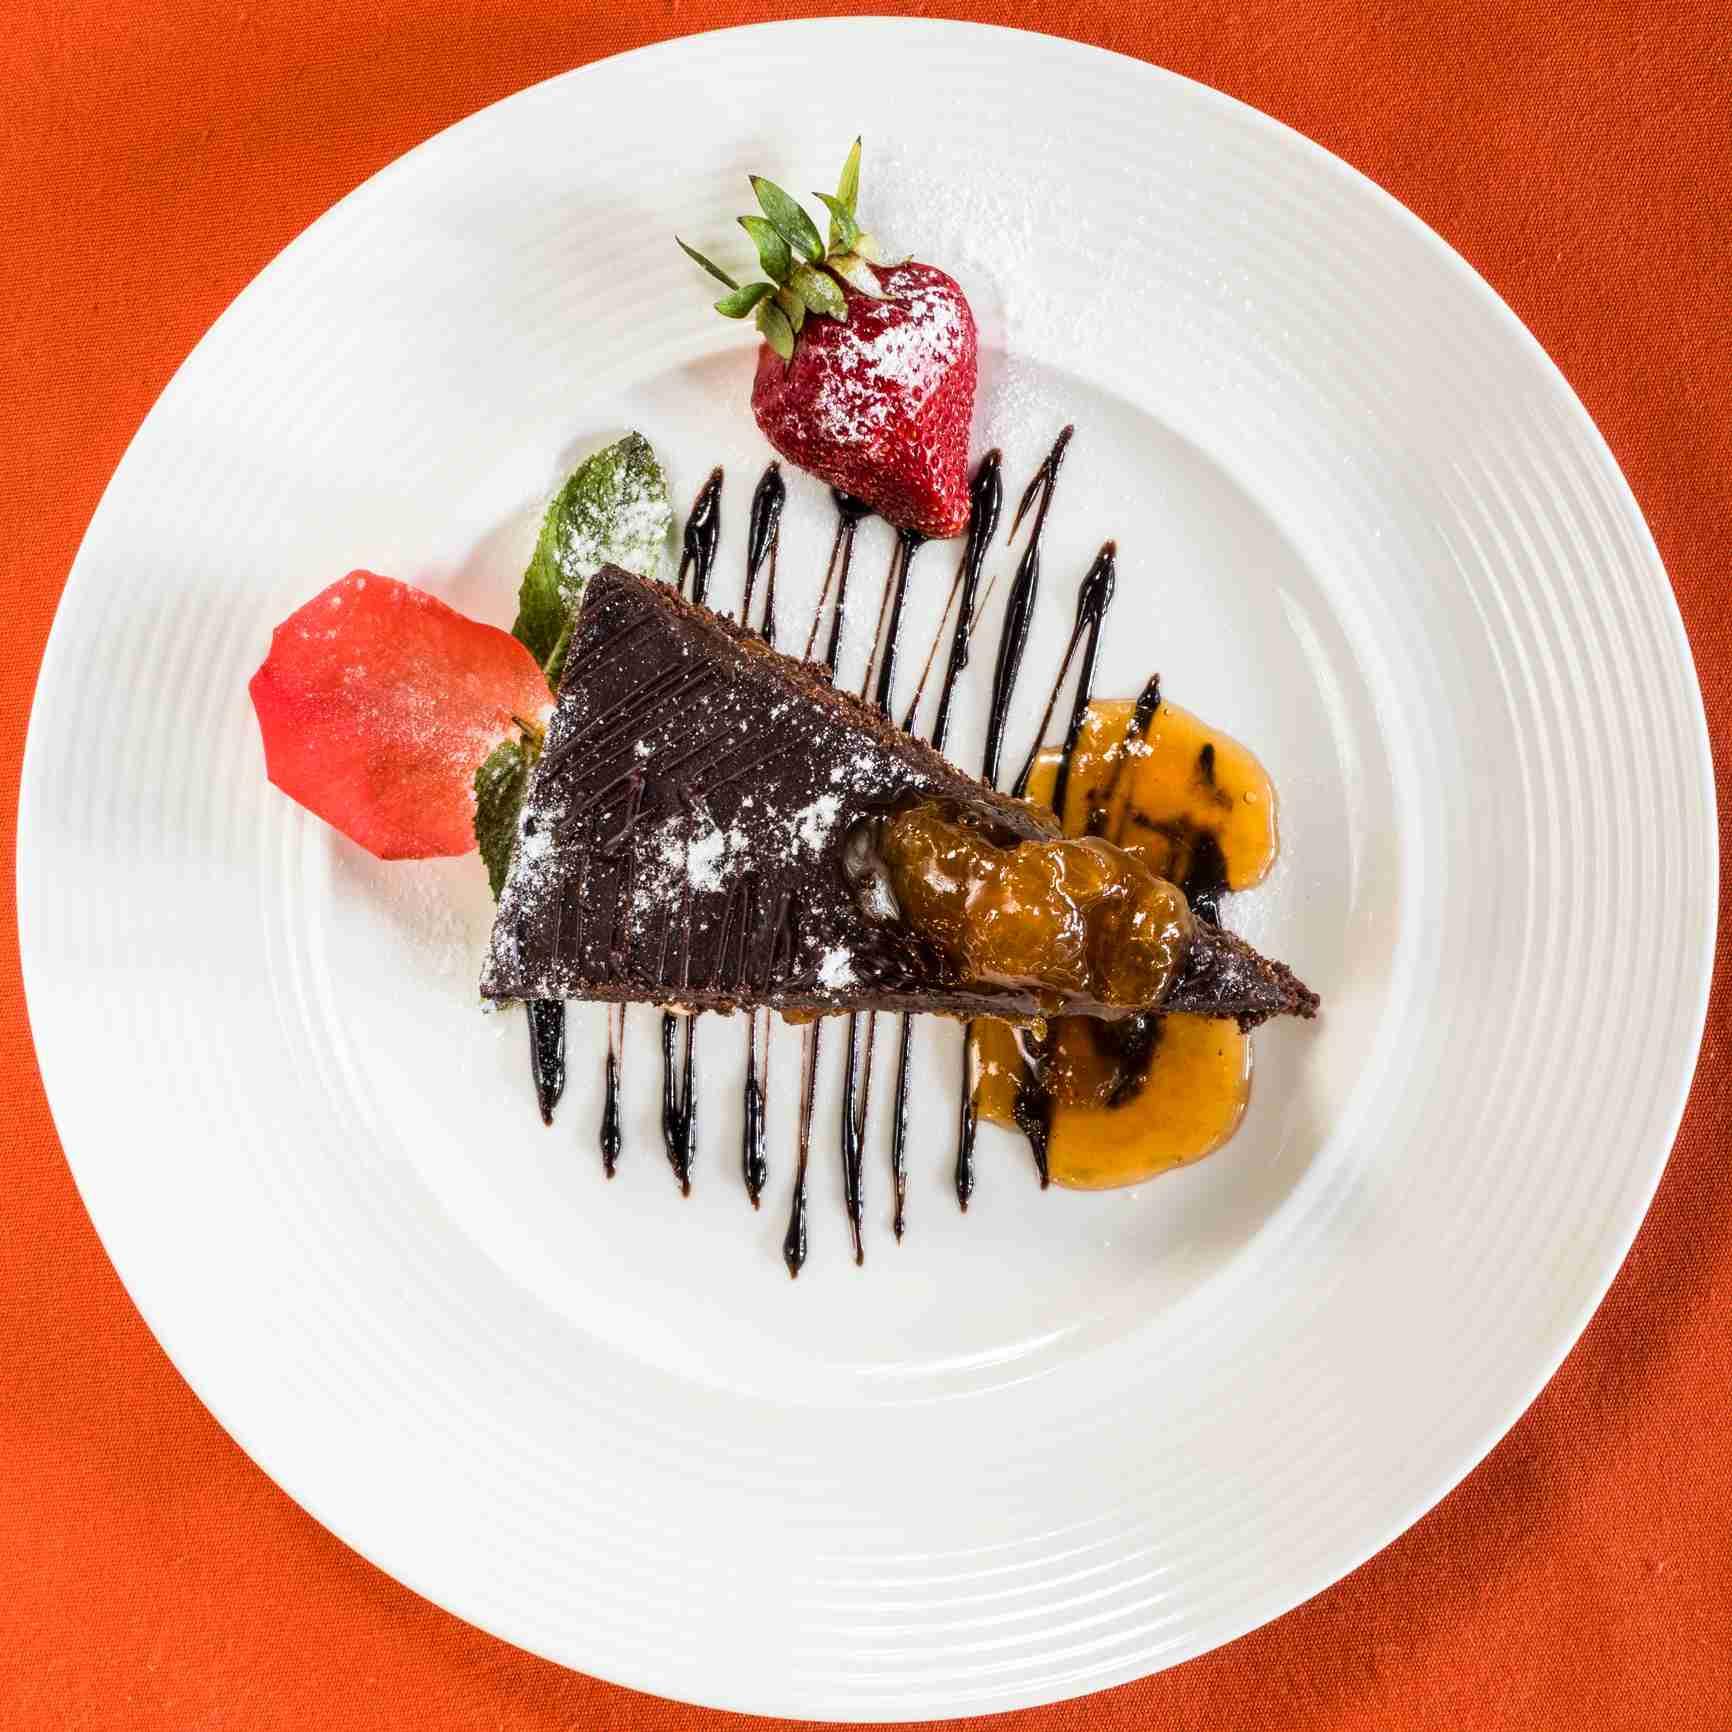 Sacher Torte vestida con fresas, salsa de chocolate y mermelada de albaricoque, en el Hotel Sacher en Viena, Austria